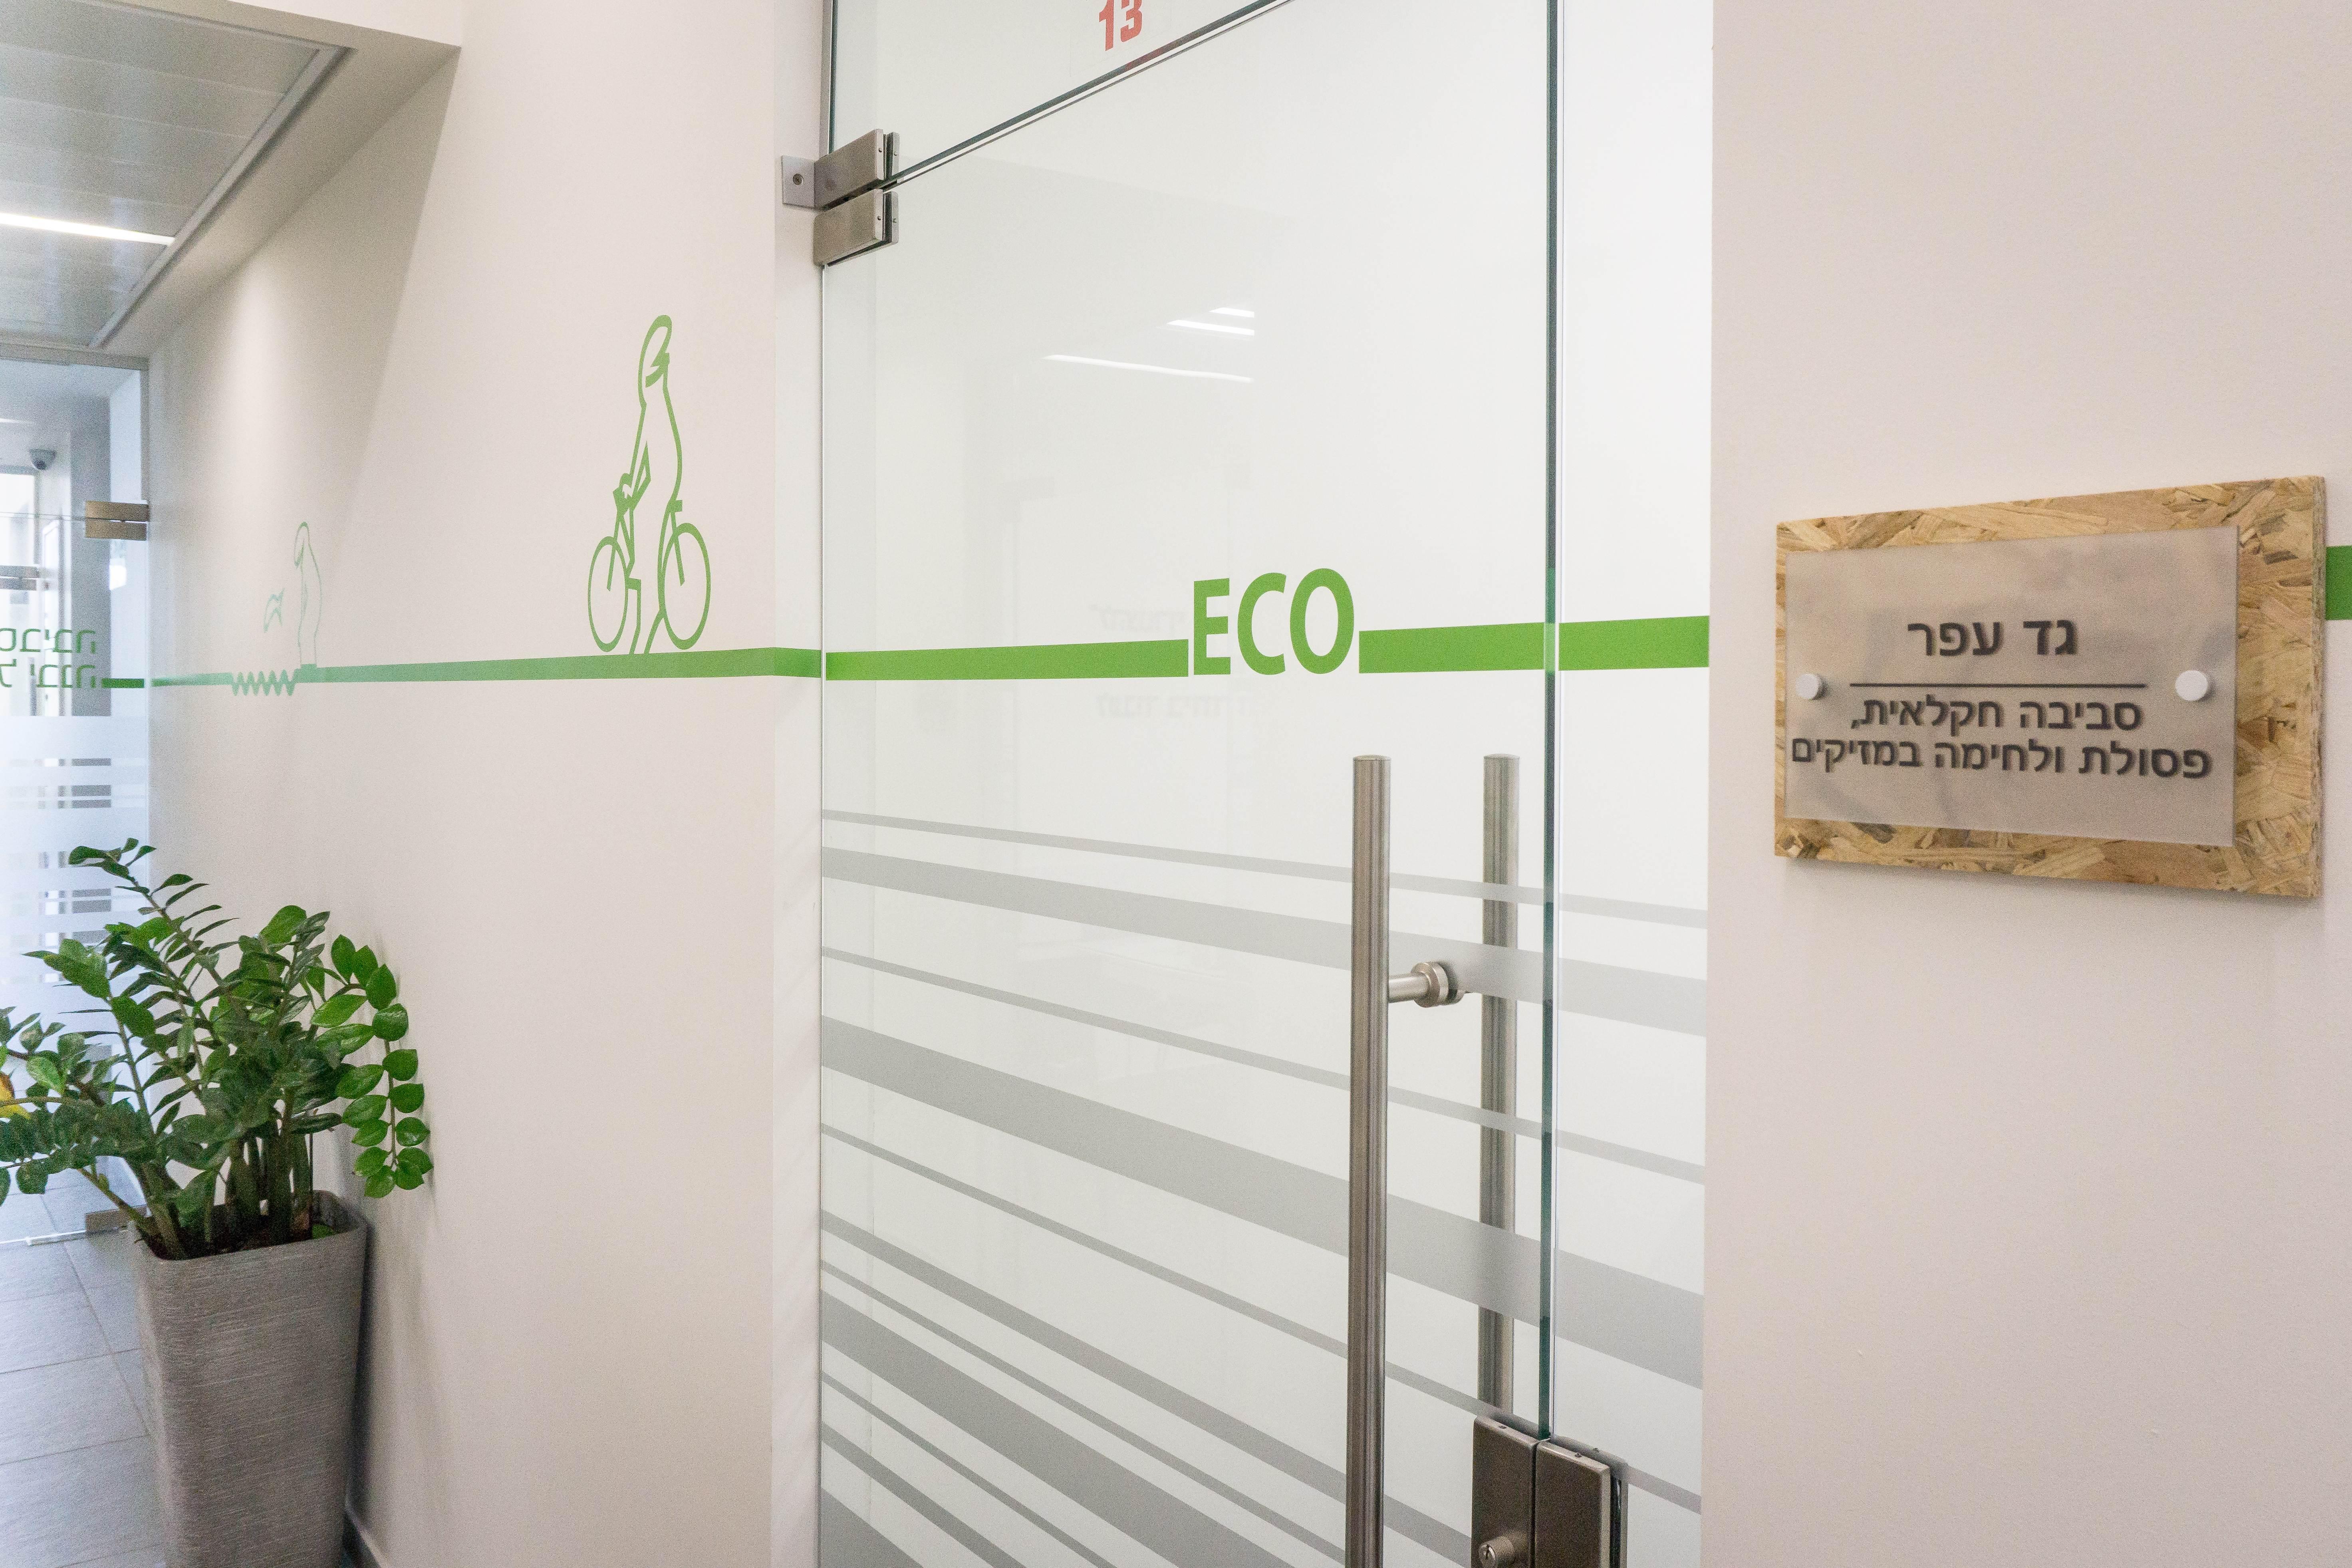 עיצוב שילוט וקיר משרד-סיגל סיוון ידוב